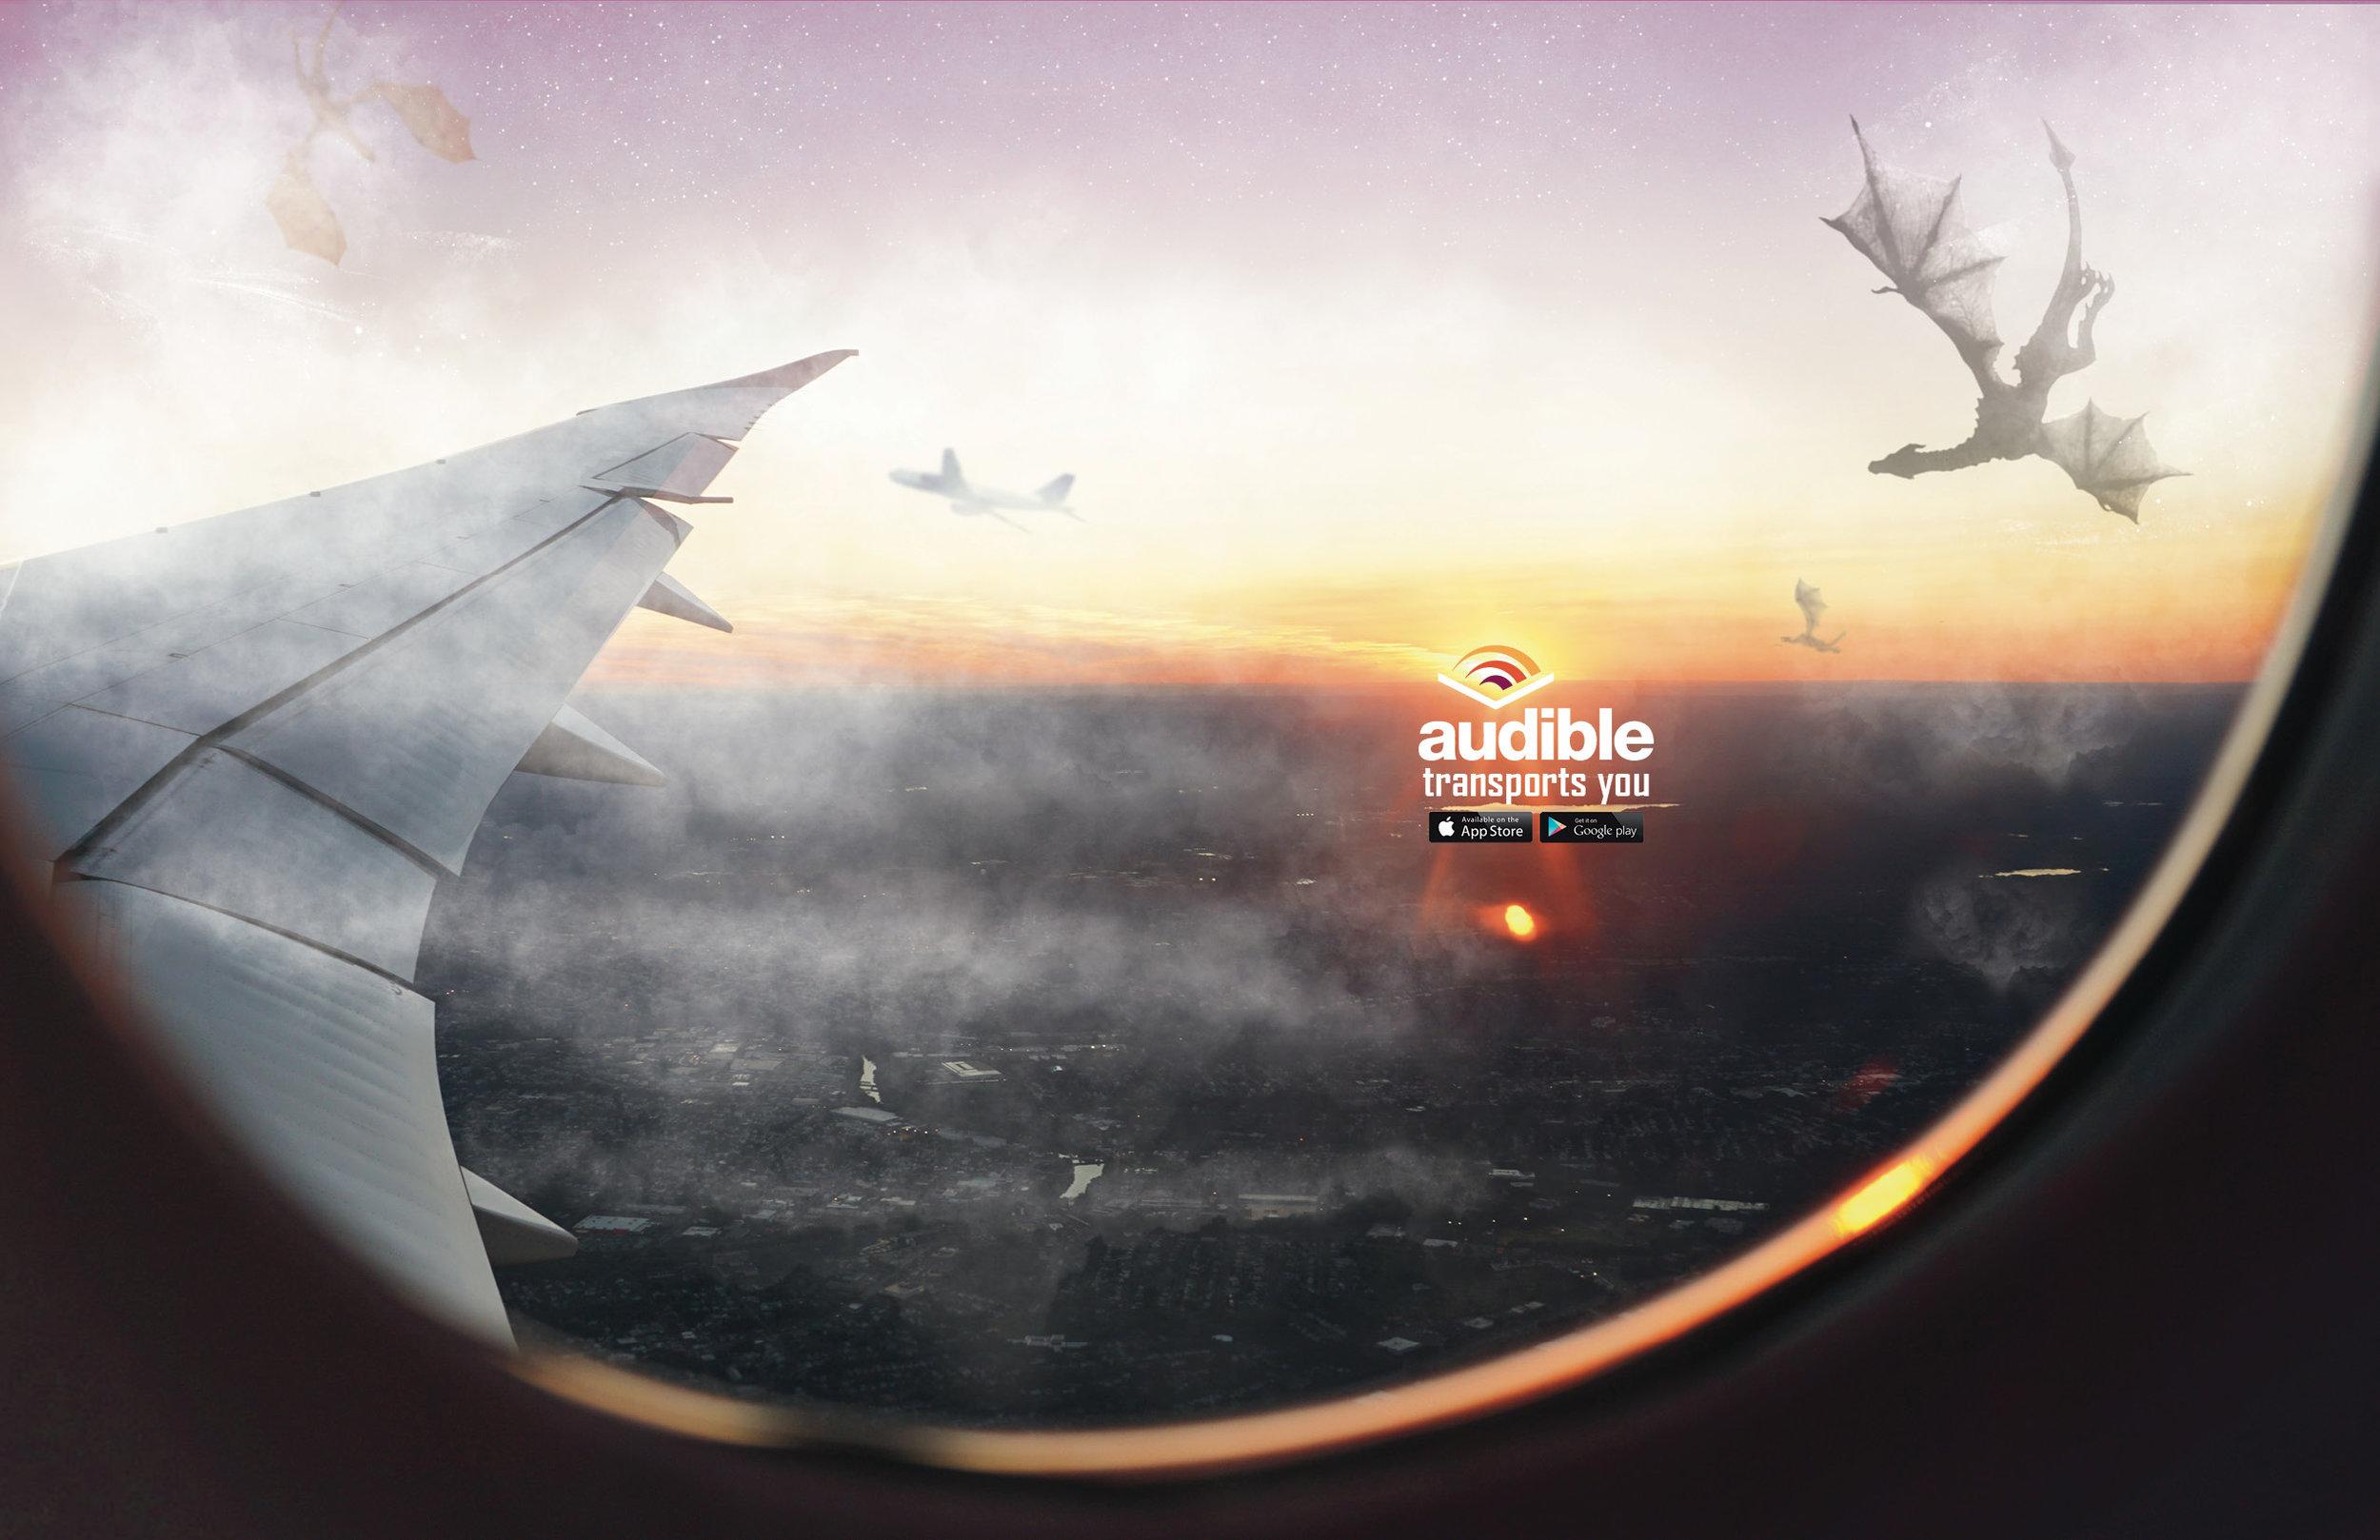 Audible_V022.jpg